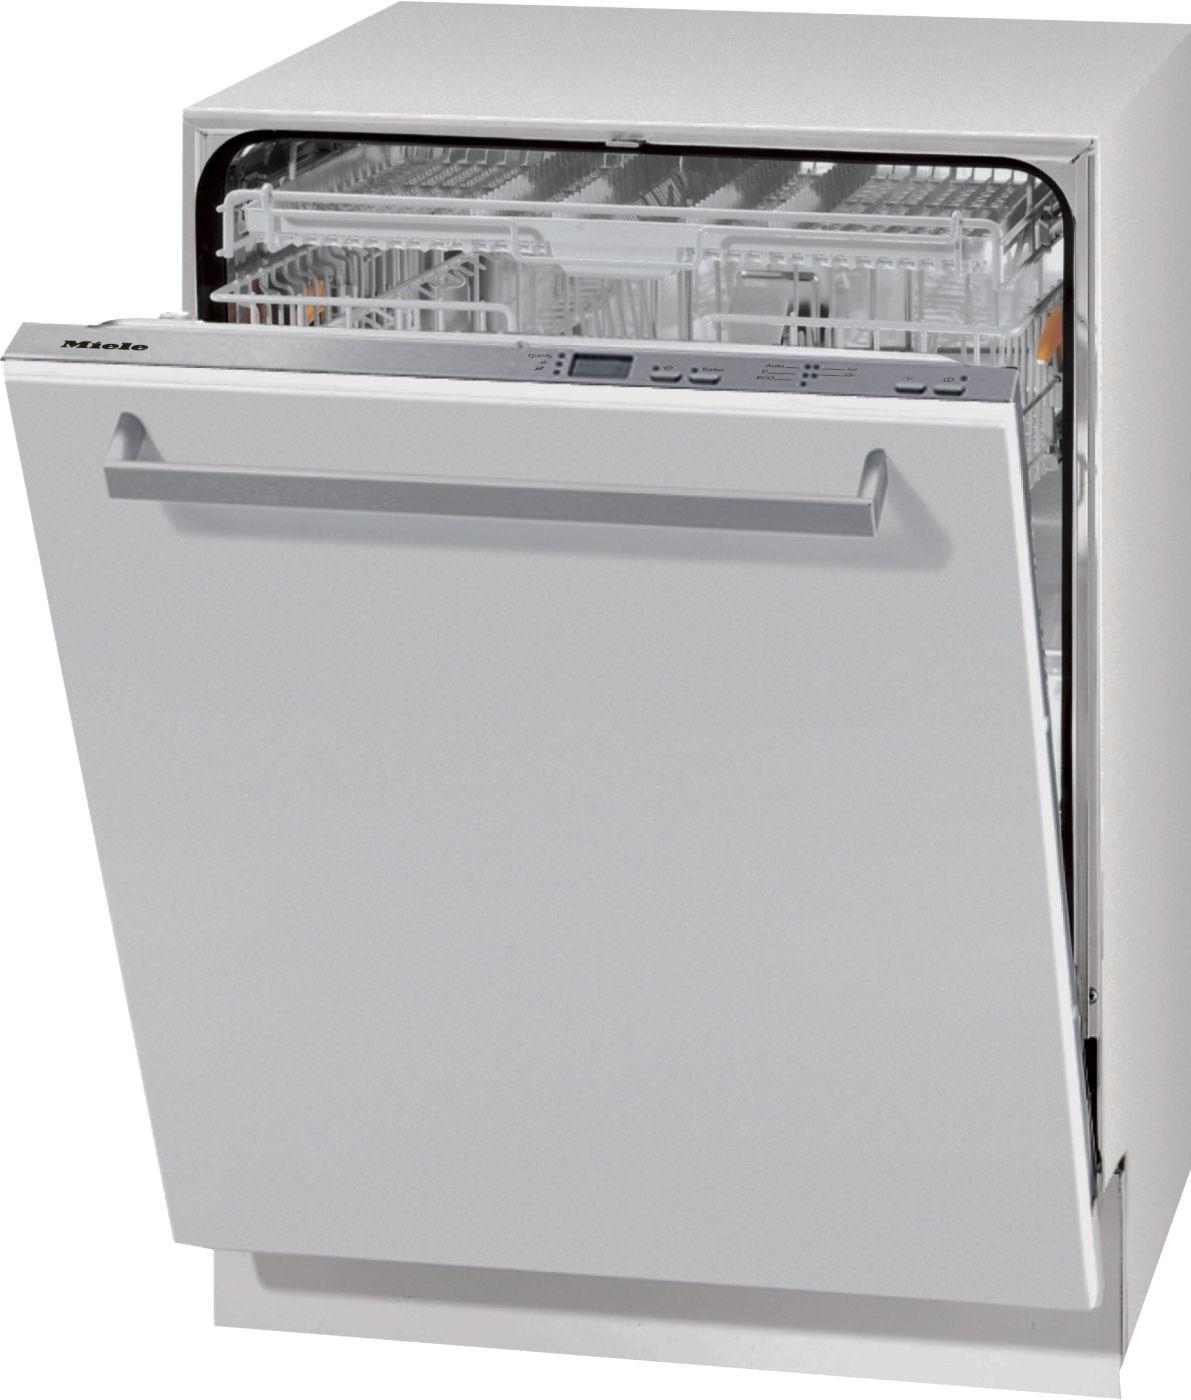 G4280SCVI : Miele oppvaskmaskin G 4280 SCVI